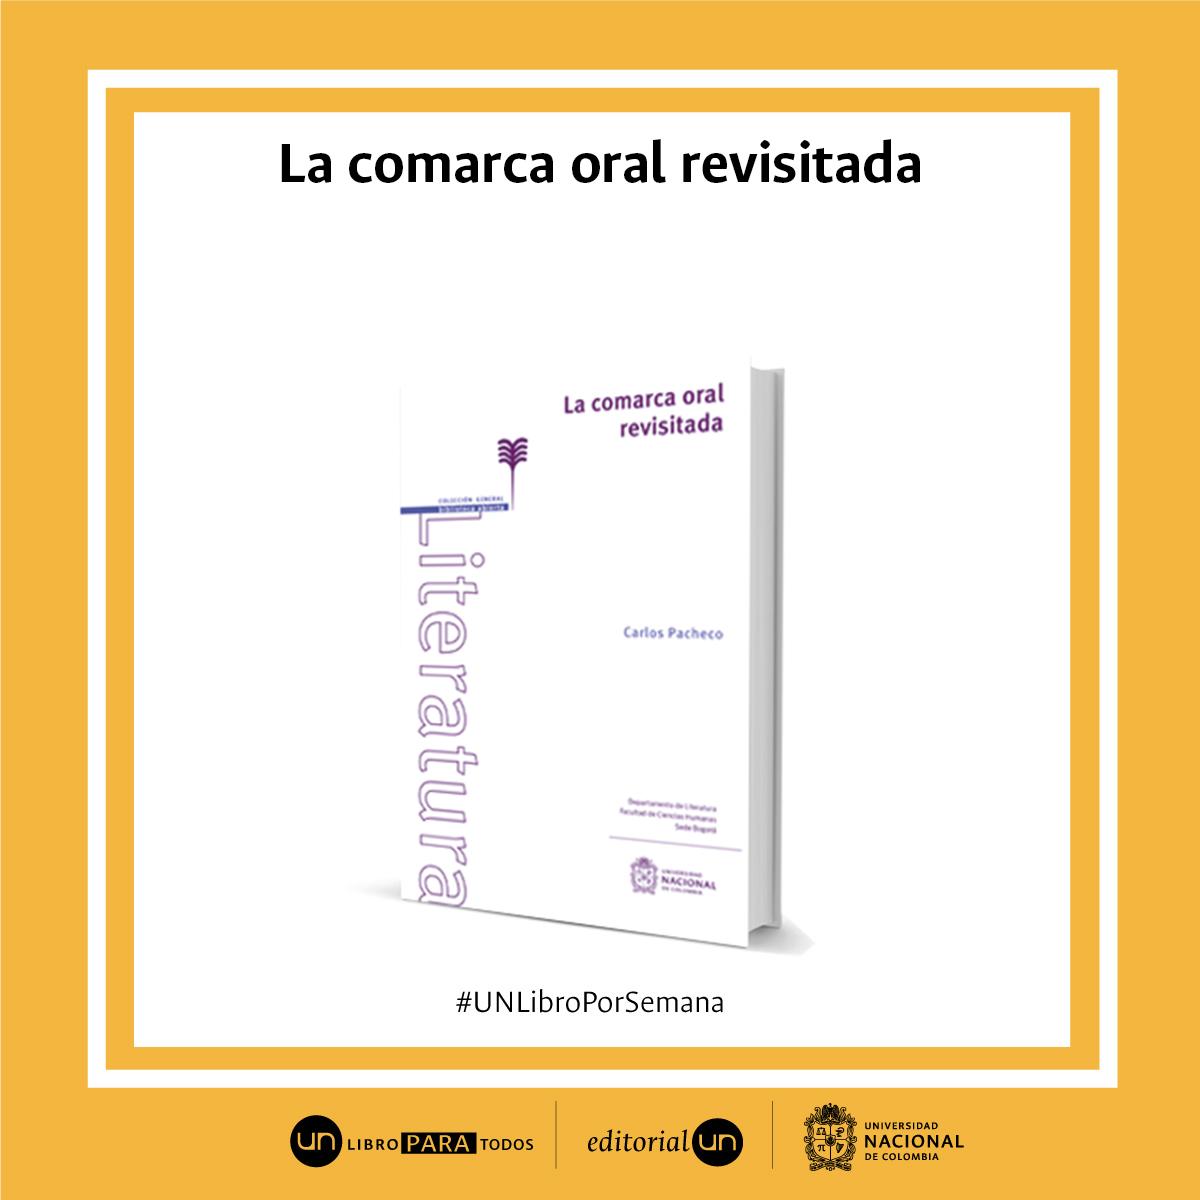 #UNlibroporsemana: 'La comarca oral revisitada'